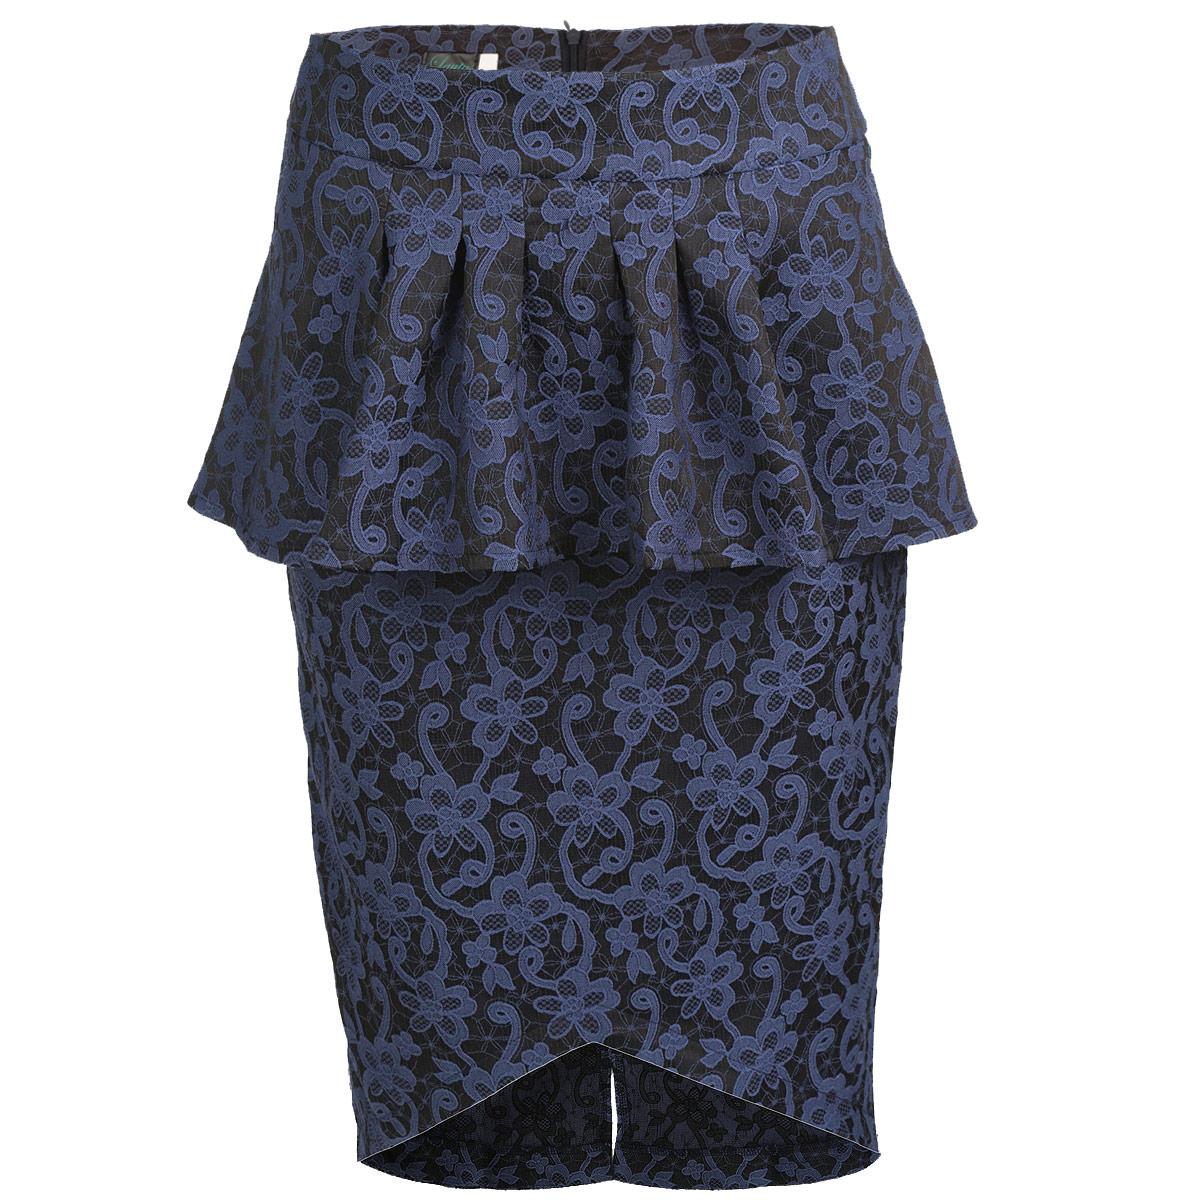 Юбка Lautus, цвет: серый, синий. ю0159. Размер 50 стоимость